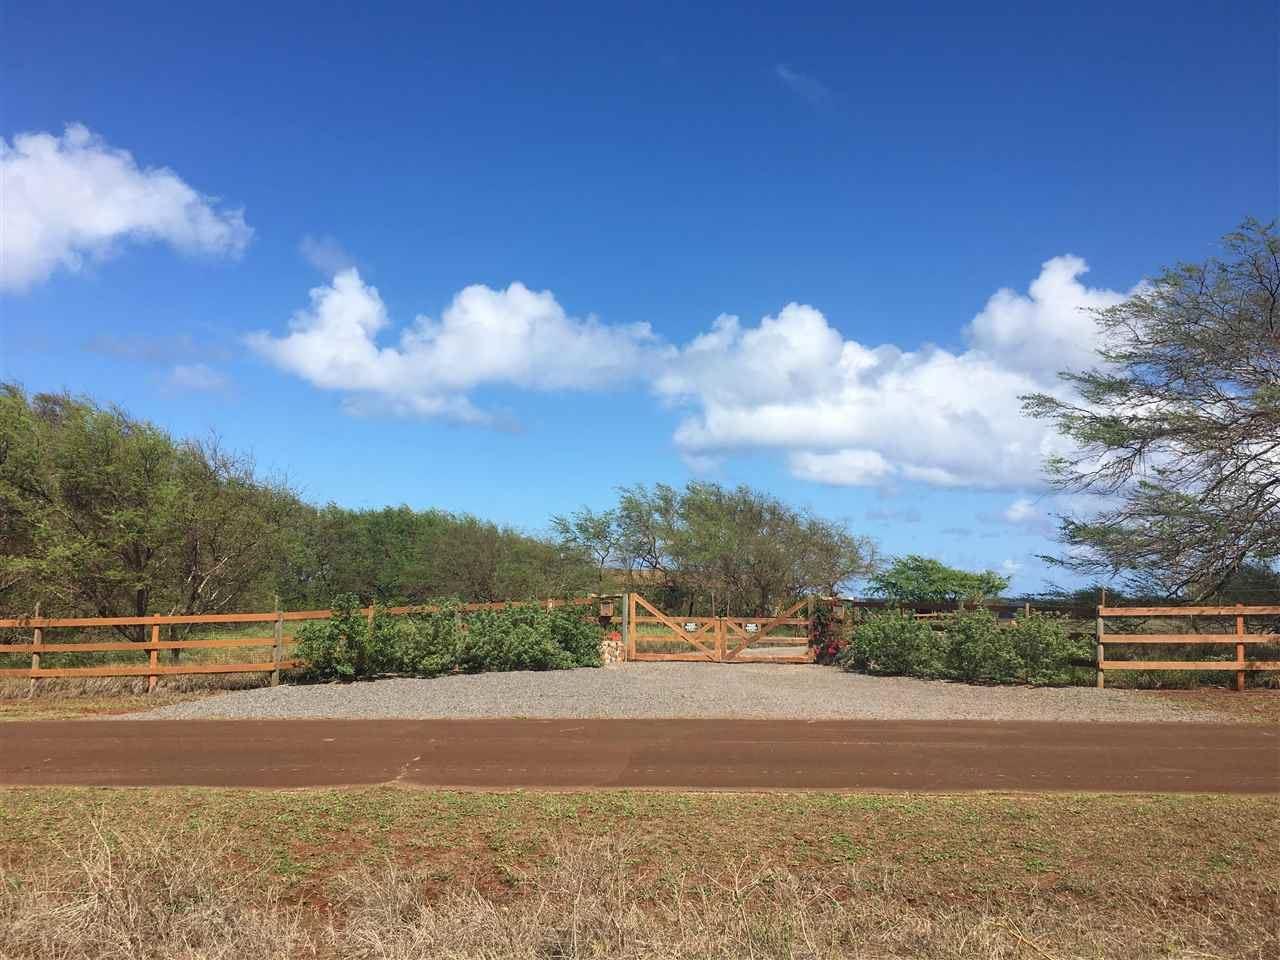 Photo of 3956 Pohakuloa Rd, Maunaloa, HI 96770-0000 (MLS # 392946)